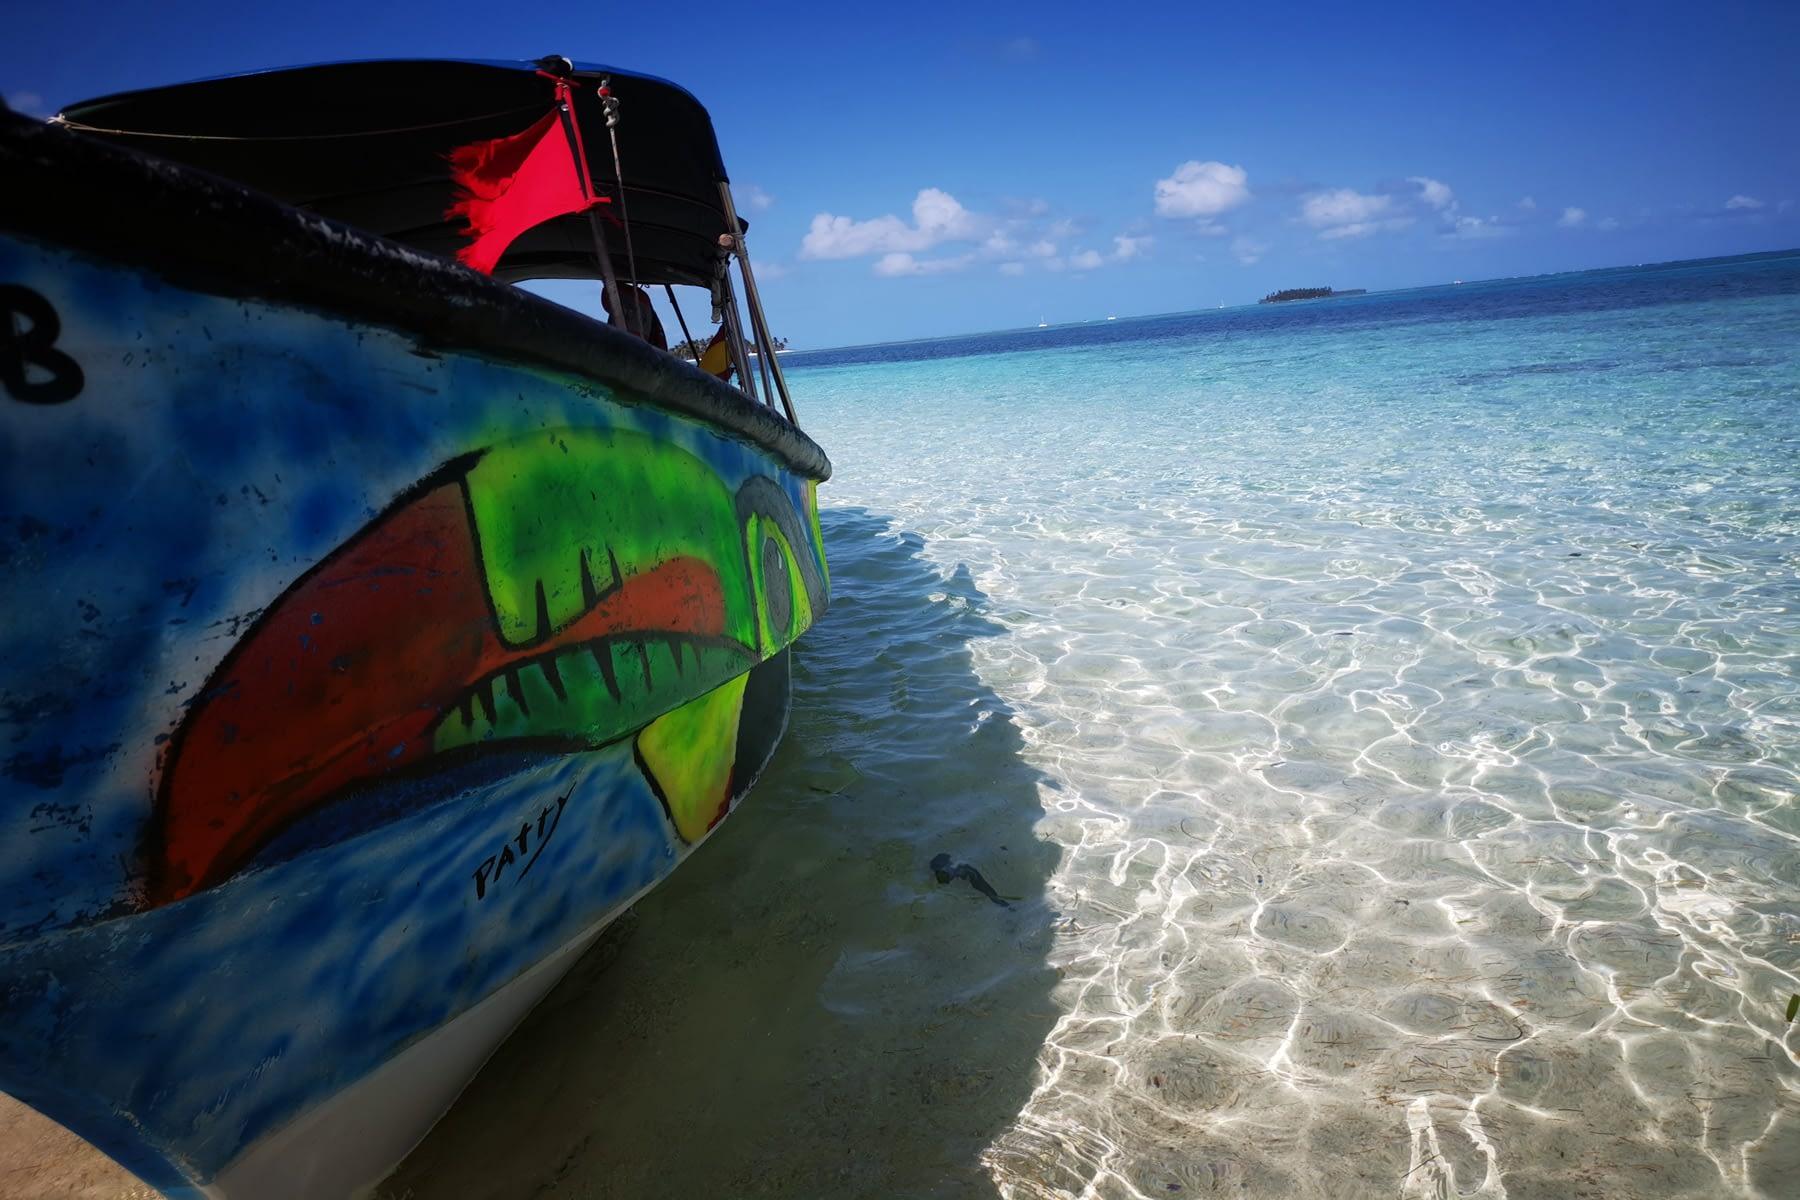 Vista del barco y la playa en la isla Masargandub